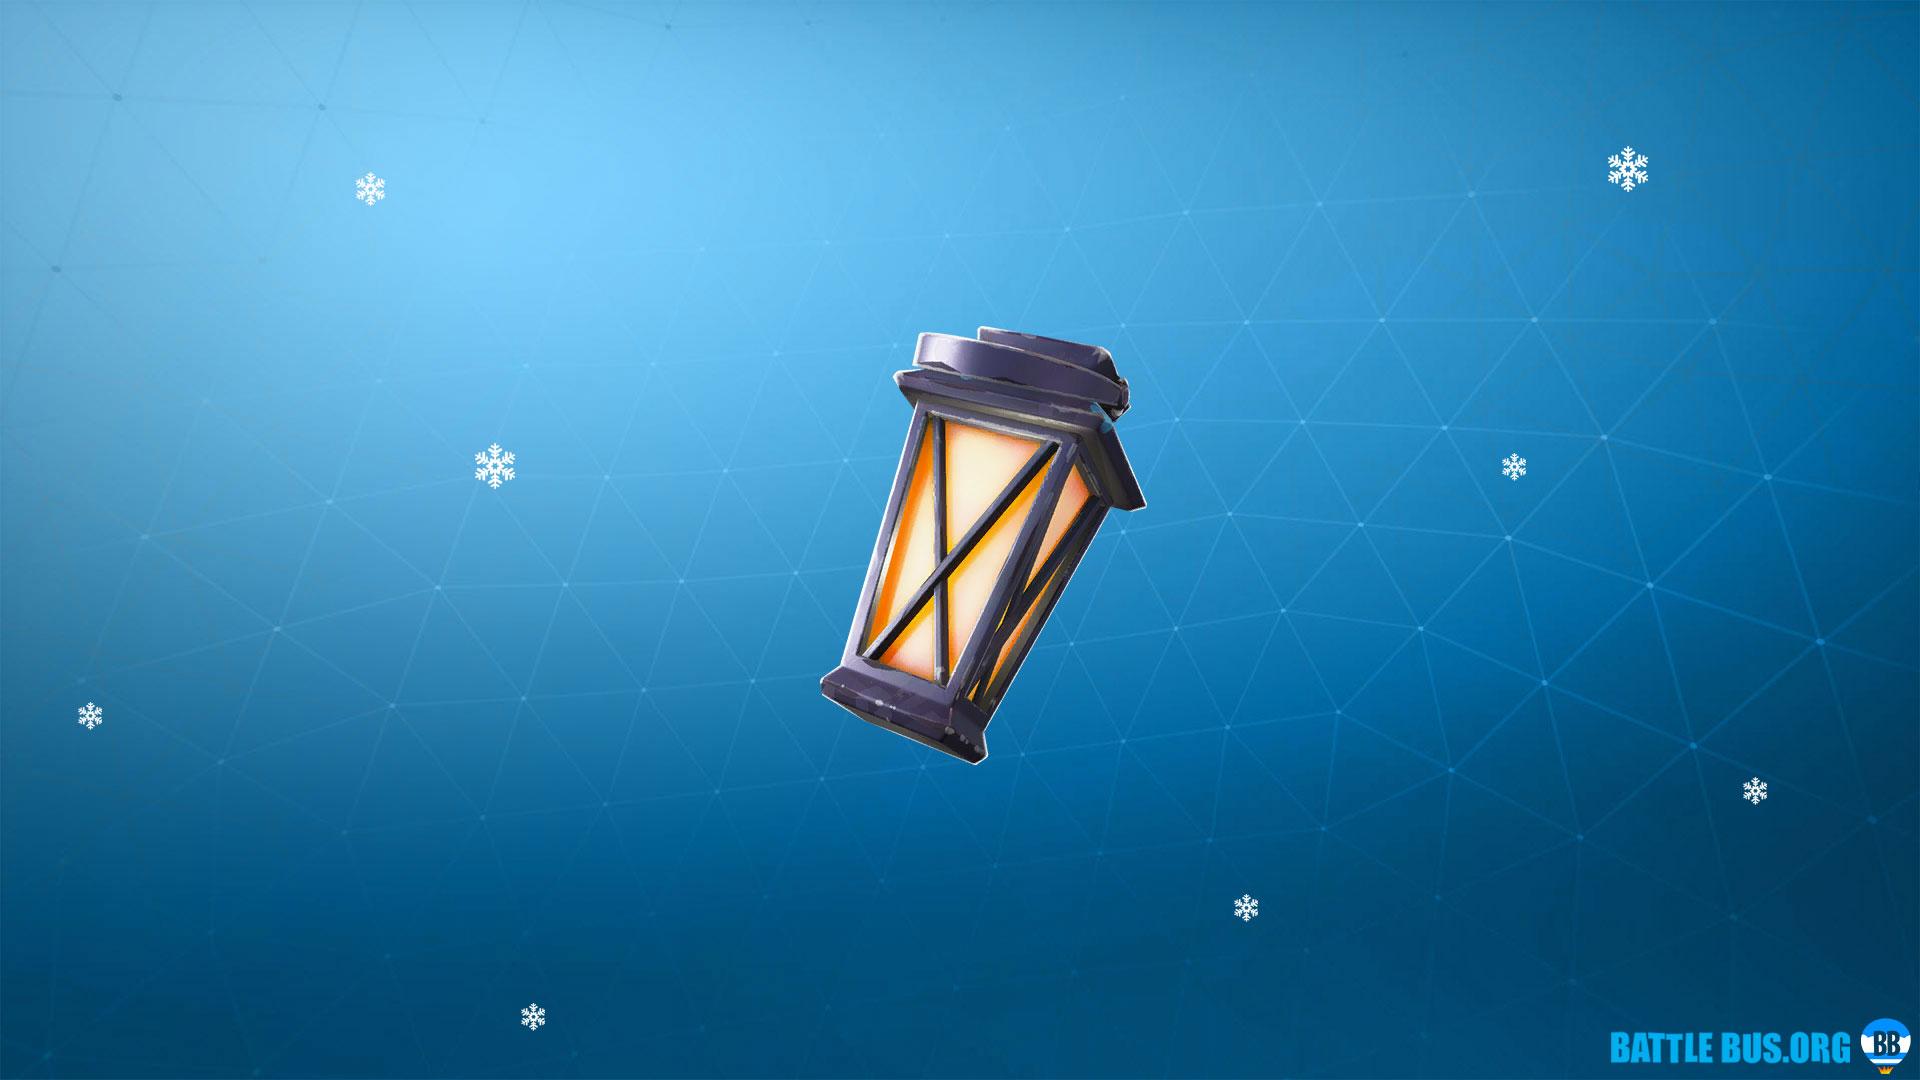 Gnome Lamp Back Bling Fortnite Luminous Lamp